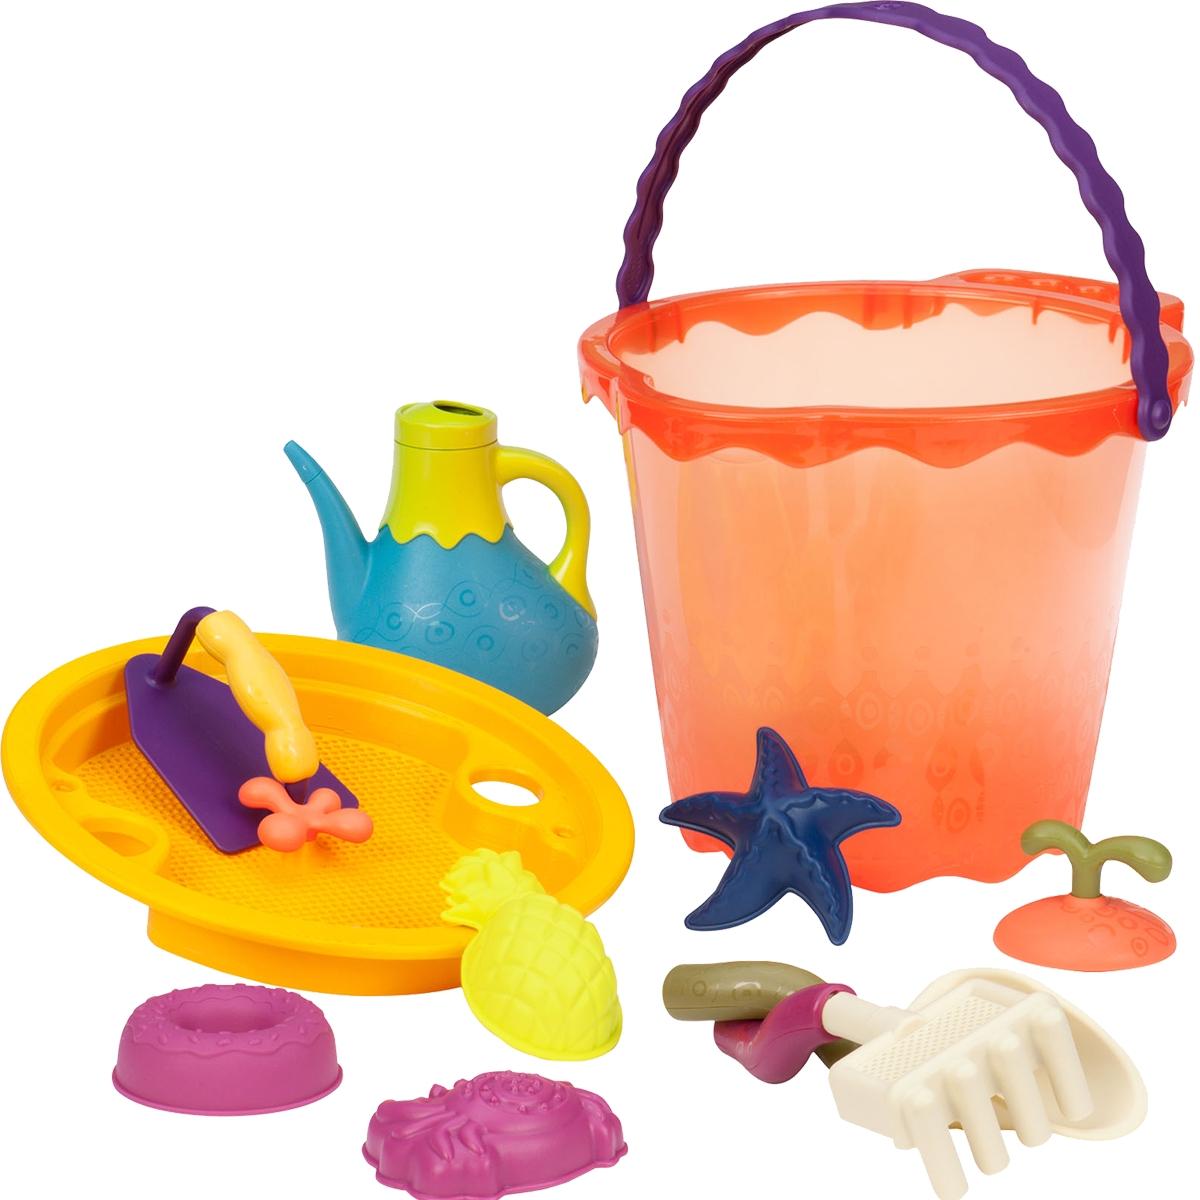 B.Summer Ведерко большое и игровой набор для песка Shore Thing 11 предметов - Игры на открытом воздухе